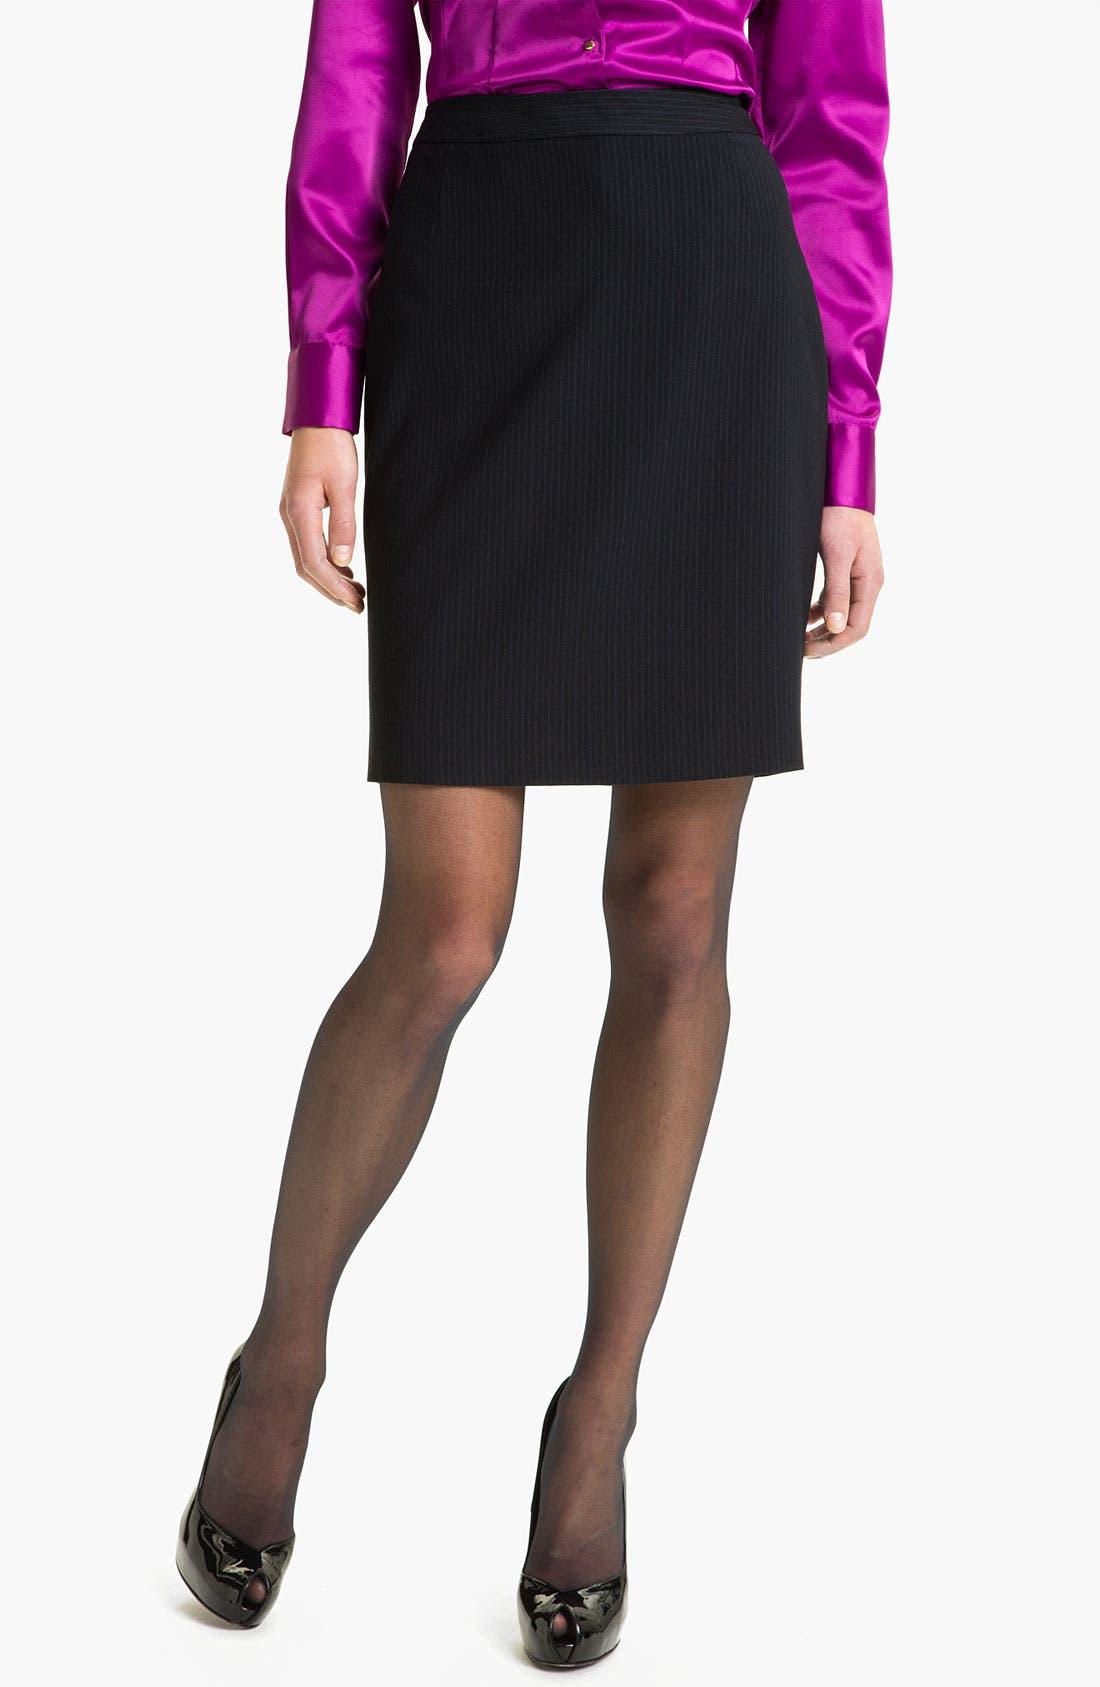 Alternate Image 1 Selected - T Tahari 'Demsy' Skirt (Petite)